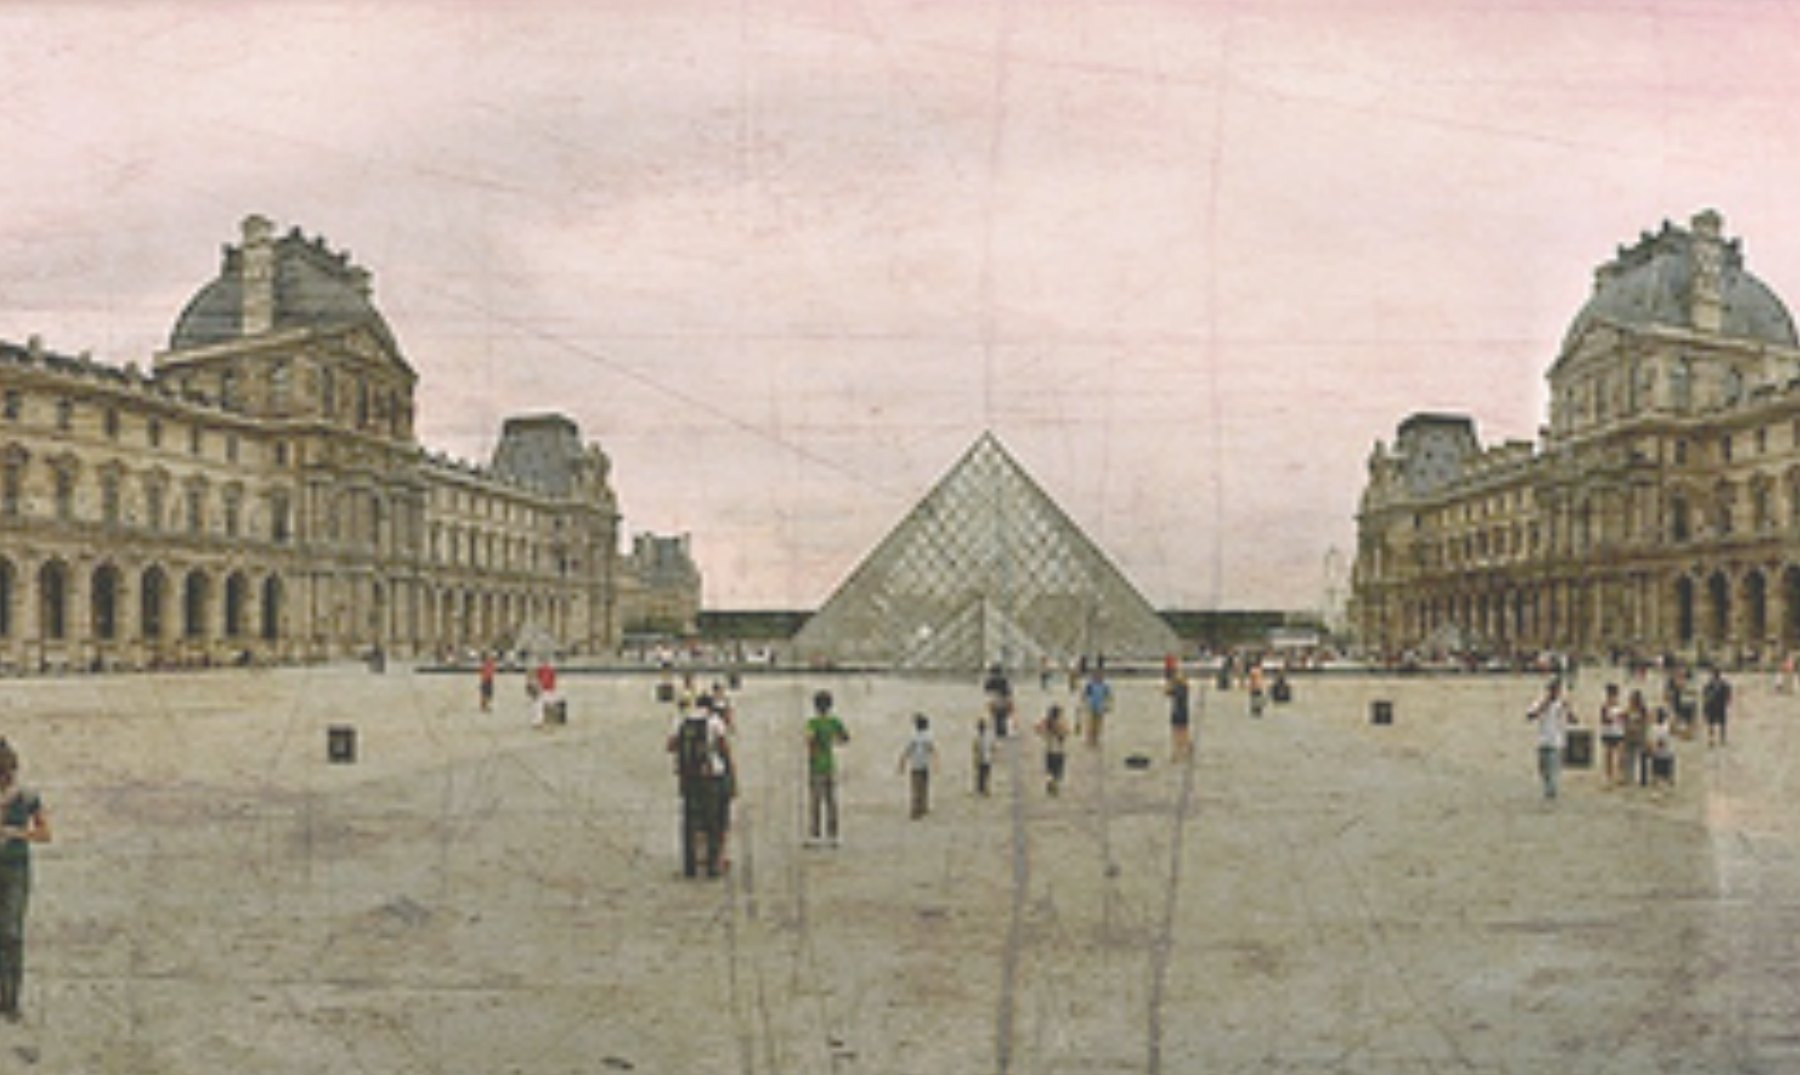 La pirámide del Louvre, el 666 y mucho más